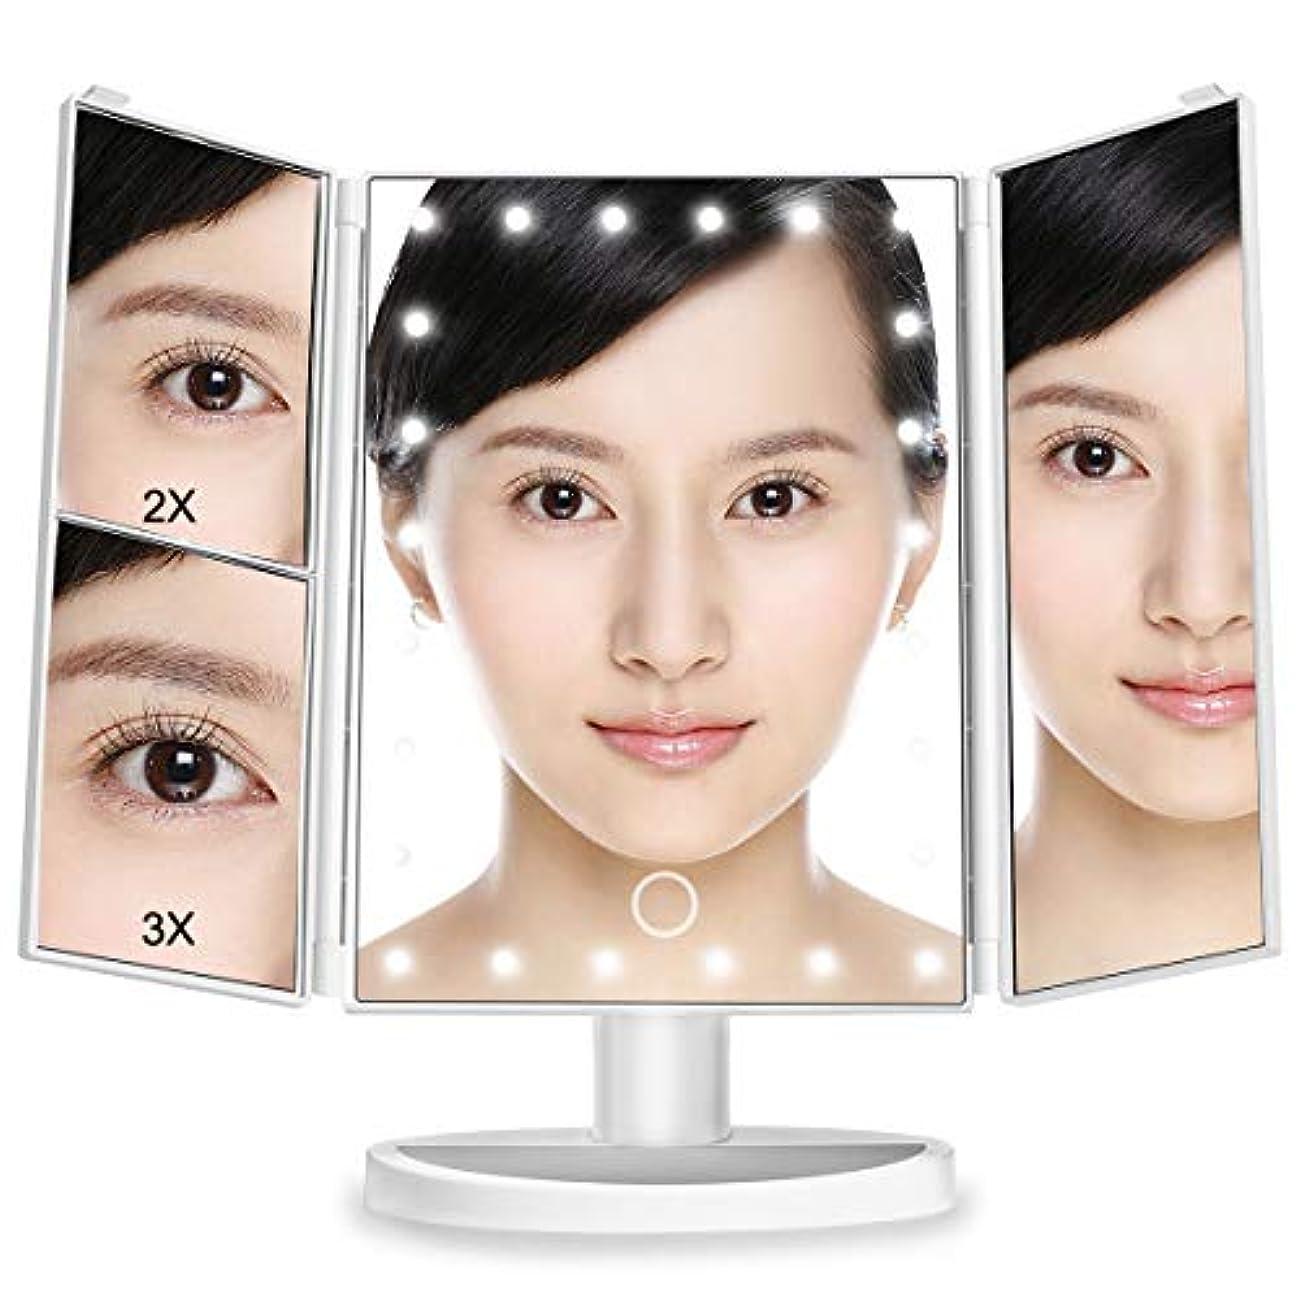 ラフレシアアルノルディランダムまさに女優ミラー 三面鏡 鏡 led 卓上鏡 化粧鏡 化粧ミラー 鏡 折りたたみ式 ledライト付き 明るさ調整可能 2&3倍拡大鏡付 180 °回転 電池&USB 2WAY給電